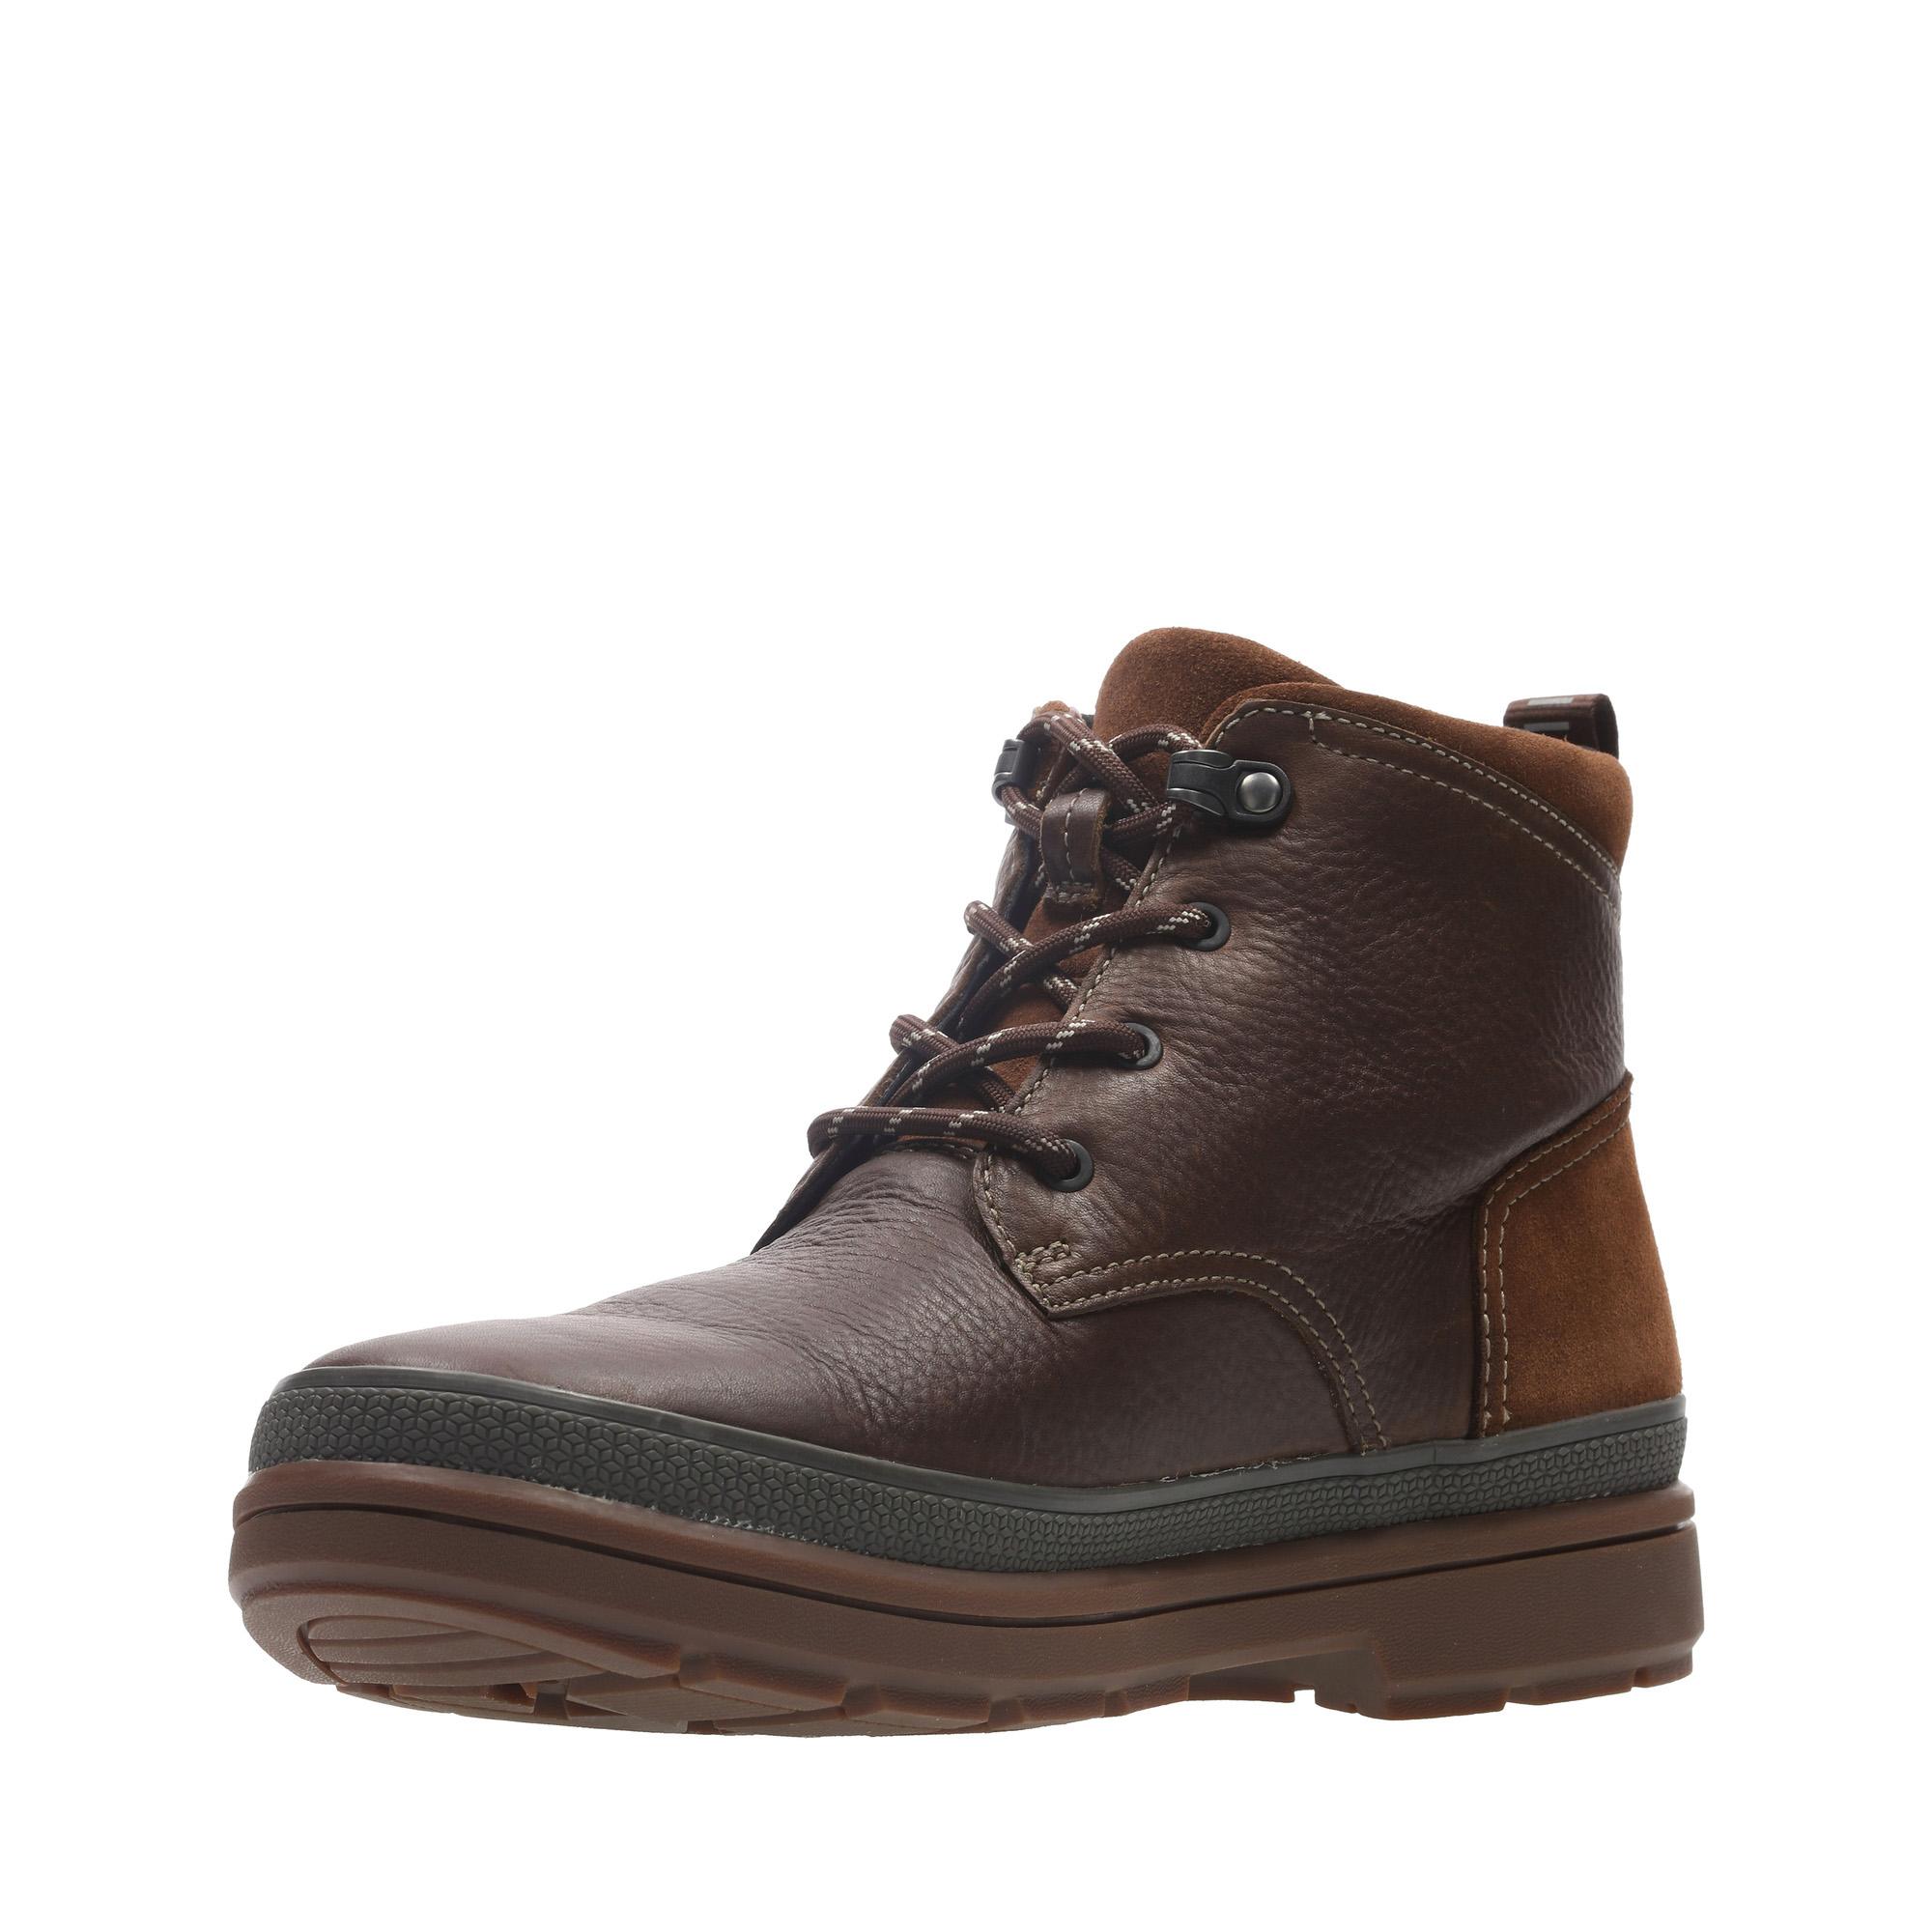 Мъжки есенни обувки Clarks Rushway Mid GTX от естествена кожа, кафяви - снимка 7